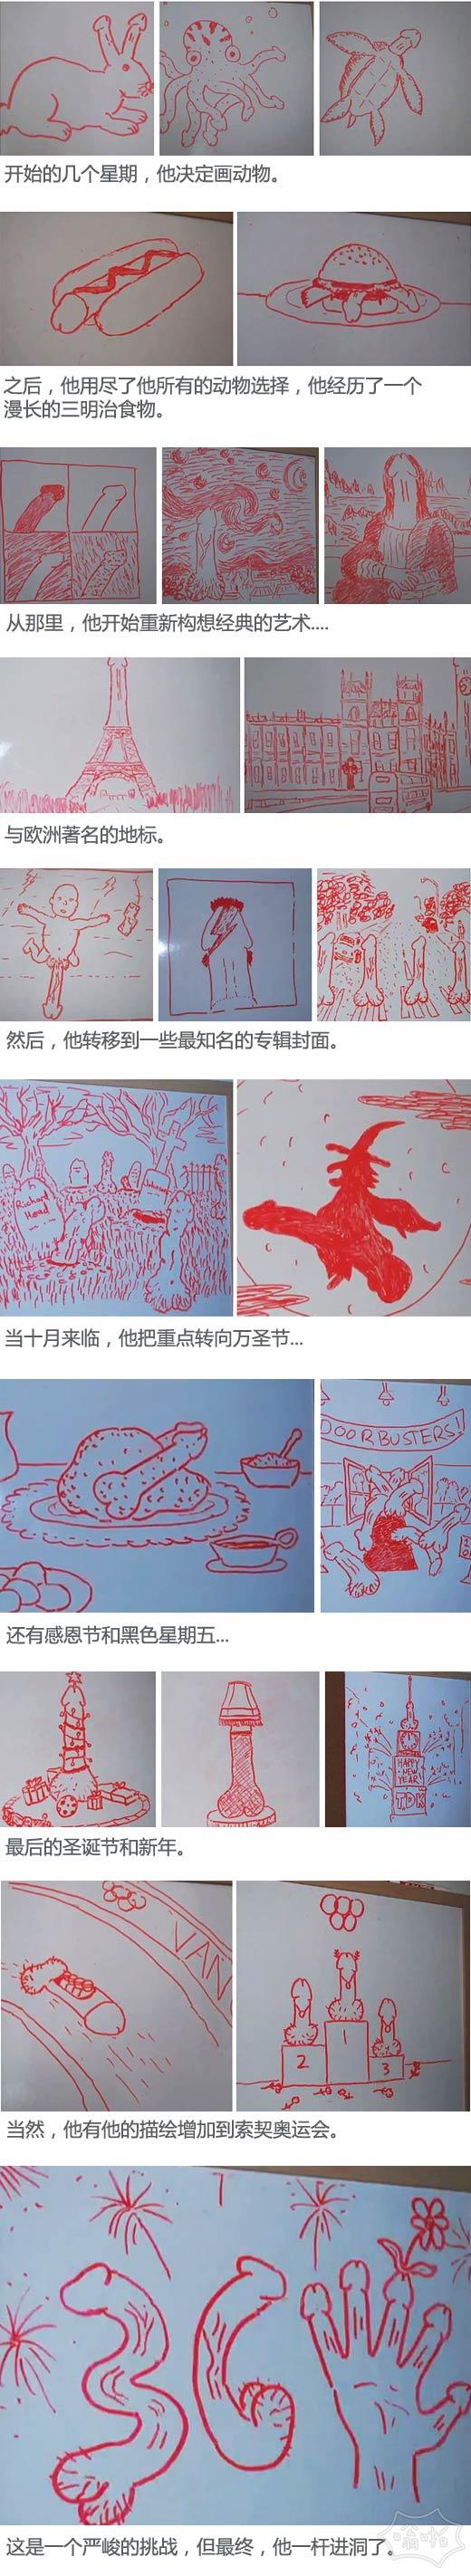 """一些人对妻子的白板用一年时间每天画一个""""jiji"""""""